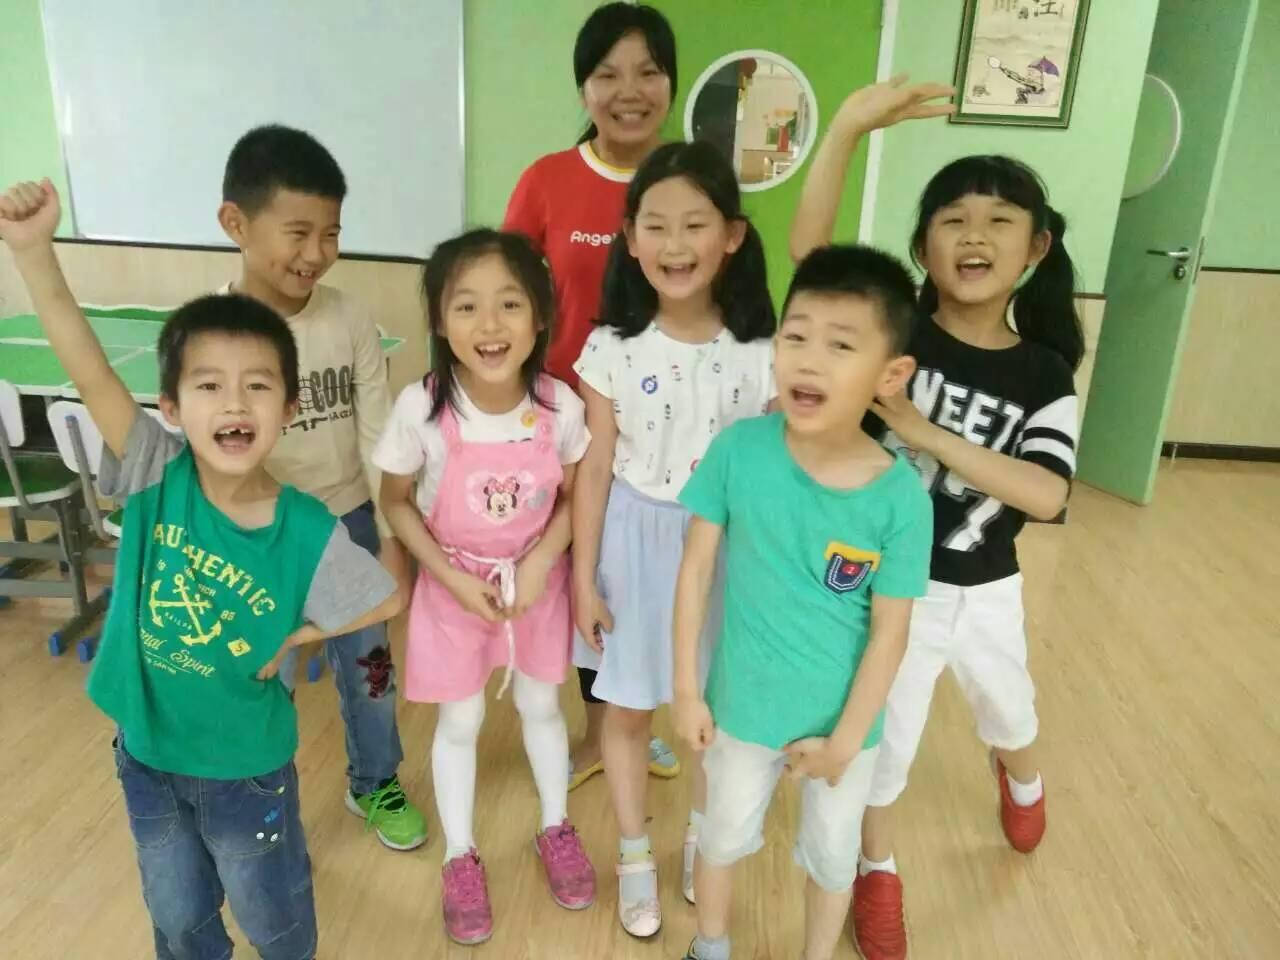 托管加盟 台湾安亲班 台湾安亲托管班加盟 学生托管加盟 小学生托管